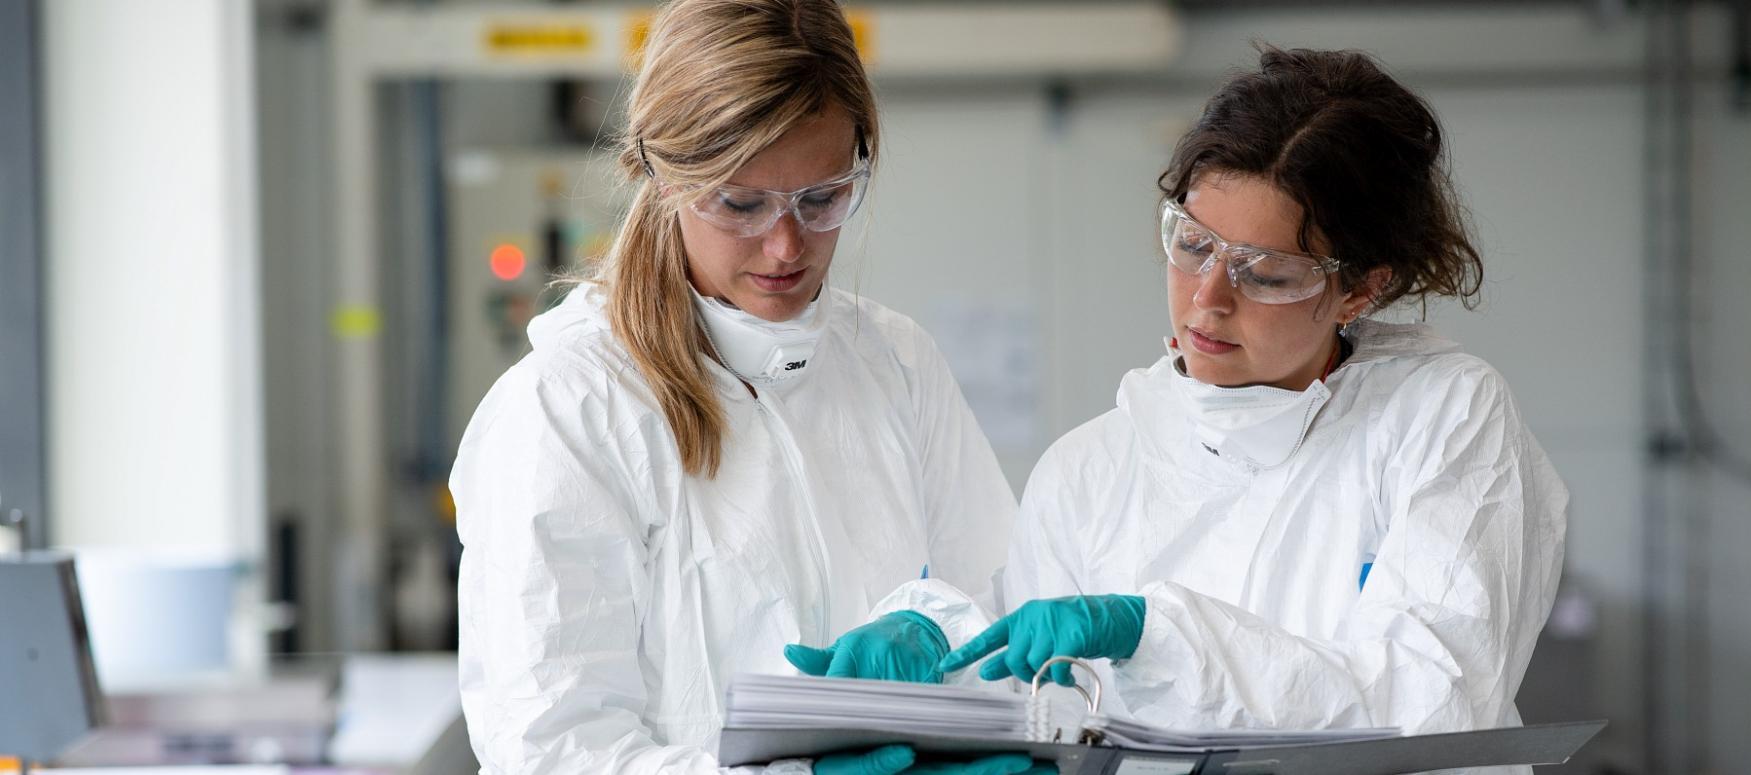 Laboratoire de chimie et conception - département matière textile